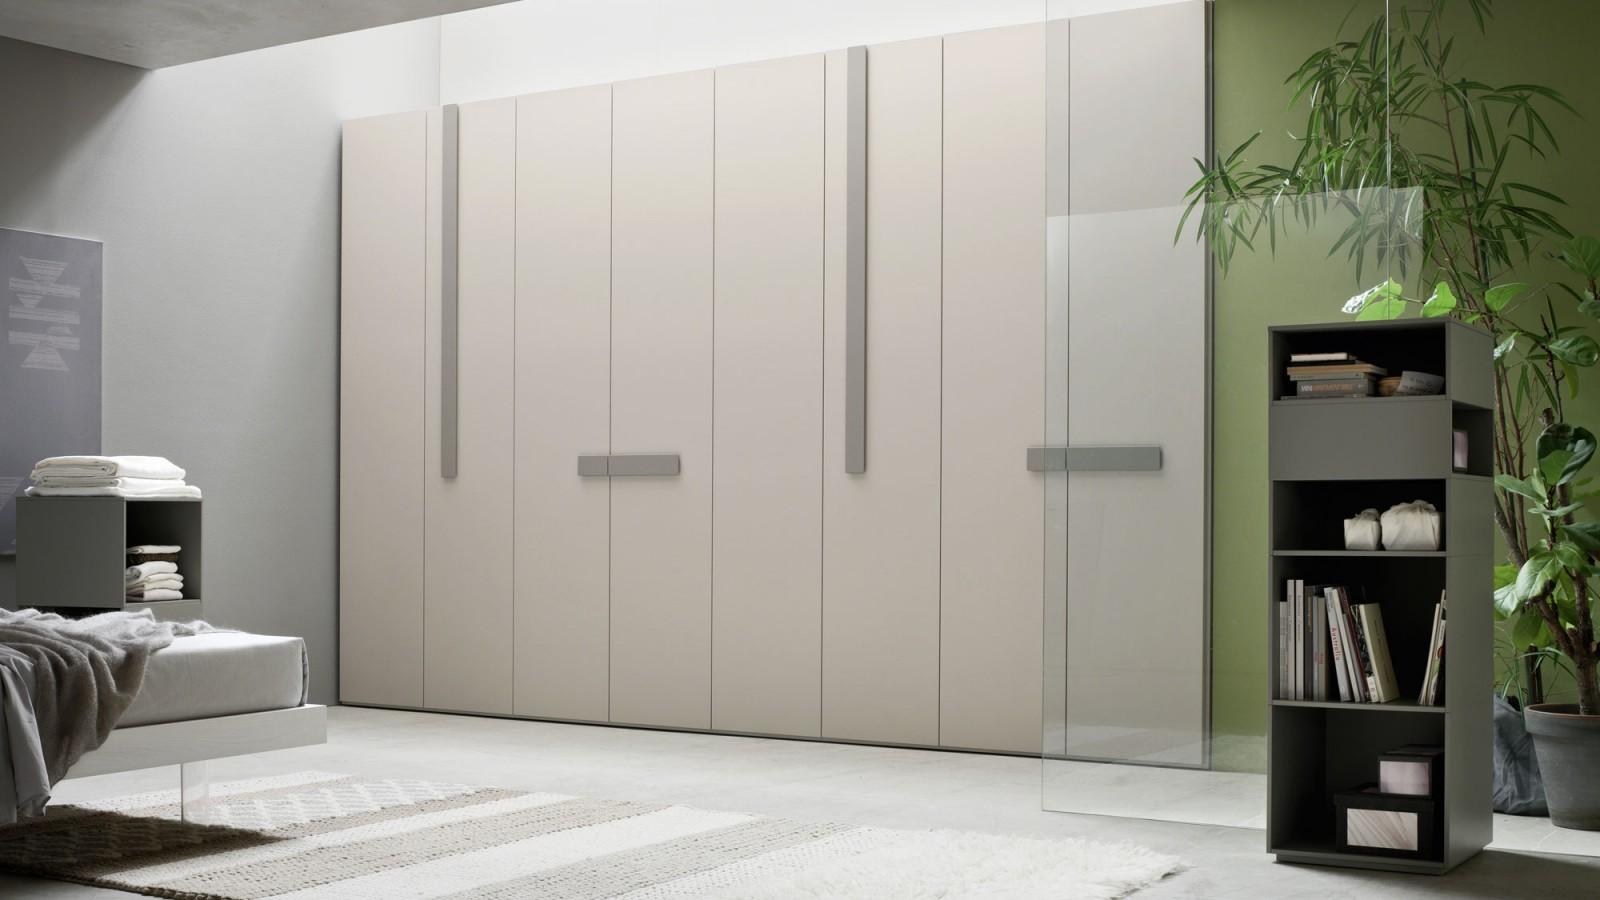 Orme-armadio-Line-2-guardaroba-moderno-design-battente-camera-arredamento-interni-mobili-righetti-novara